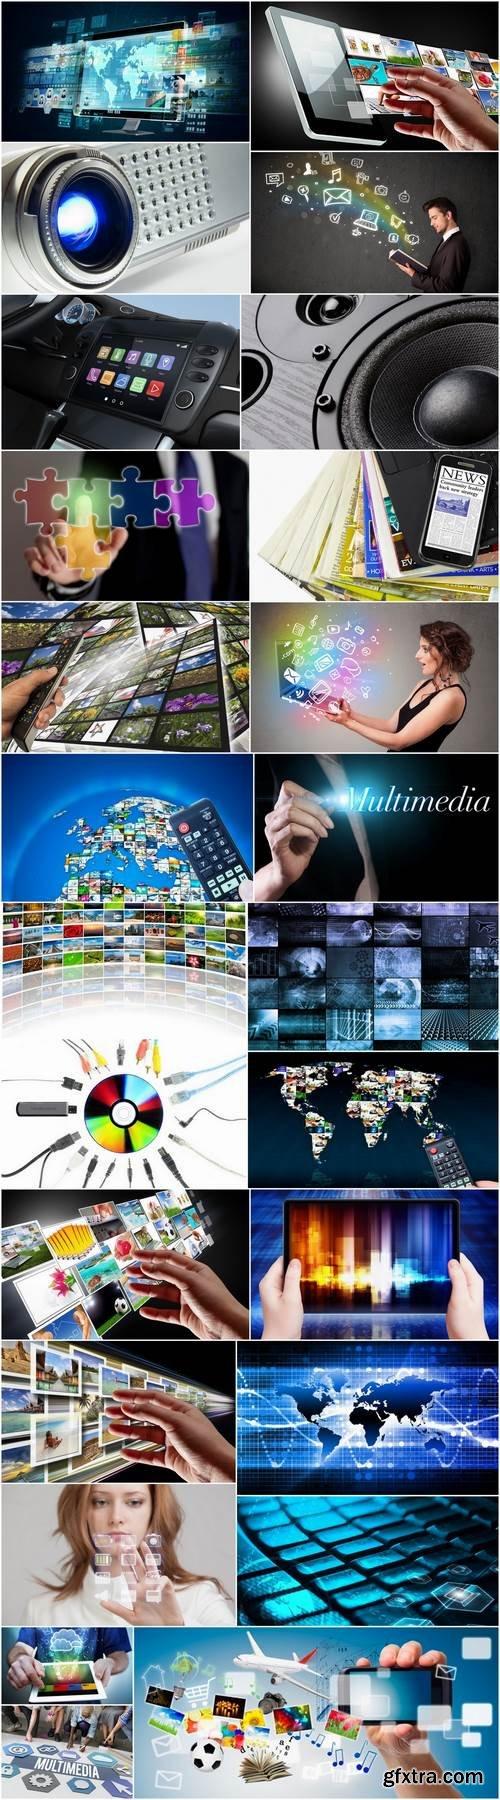 Multimedia telemetry telecommunications Nanotechnology IT 25 HQ Jpeg